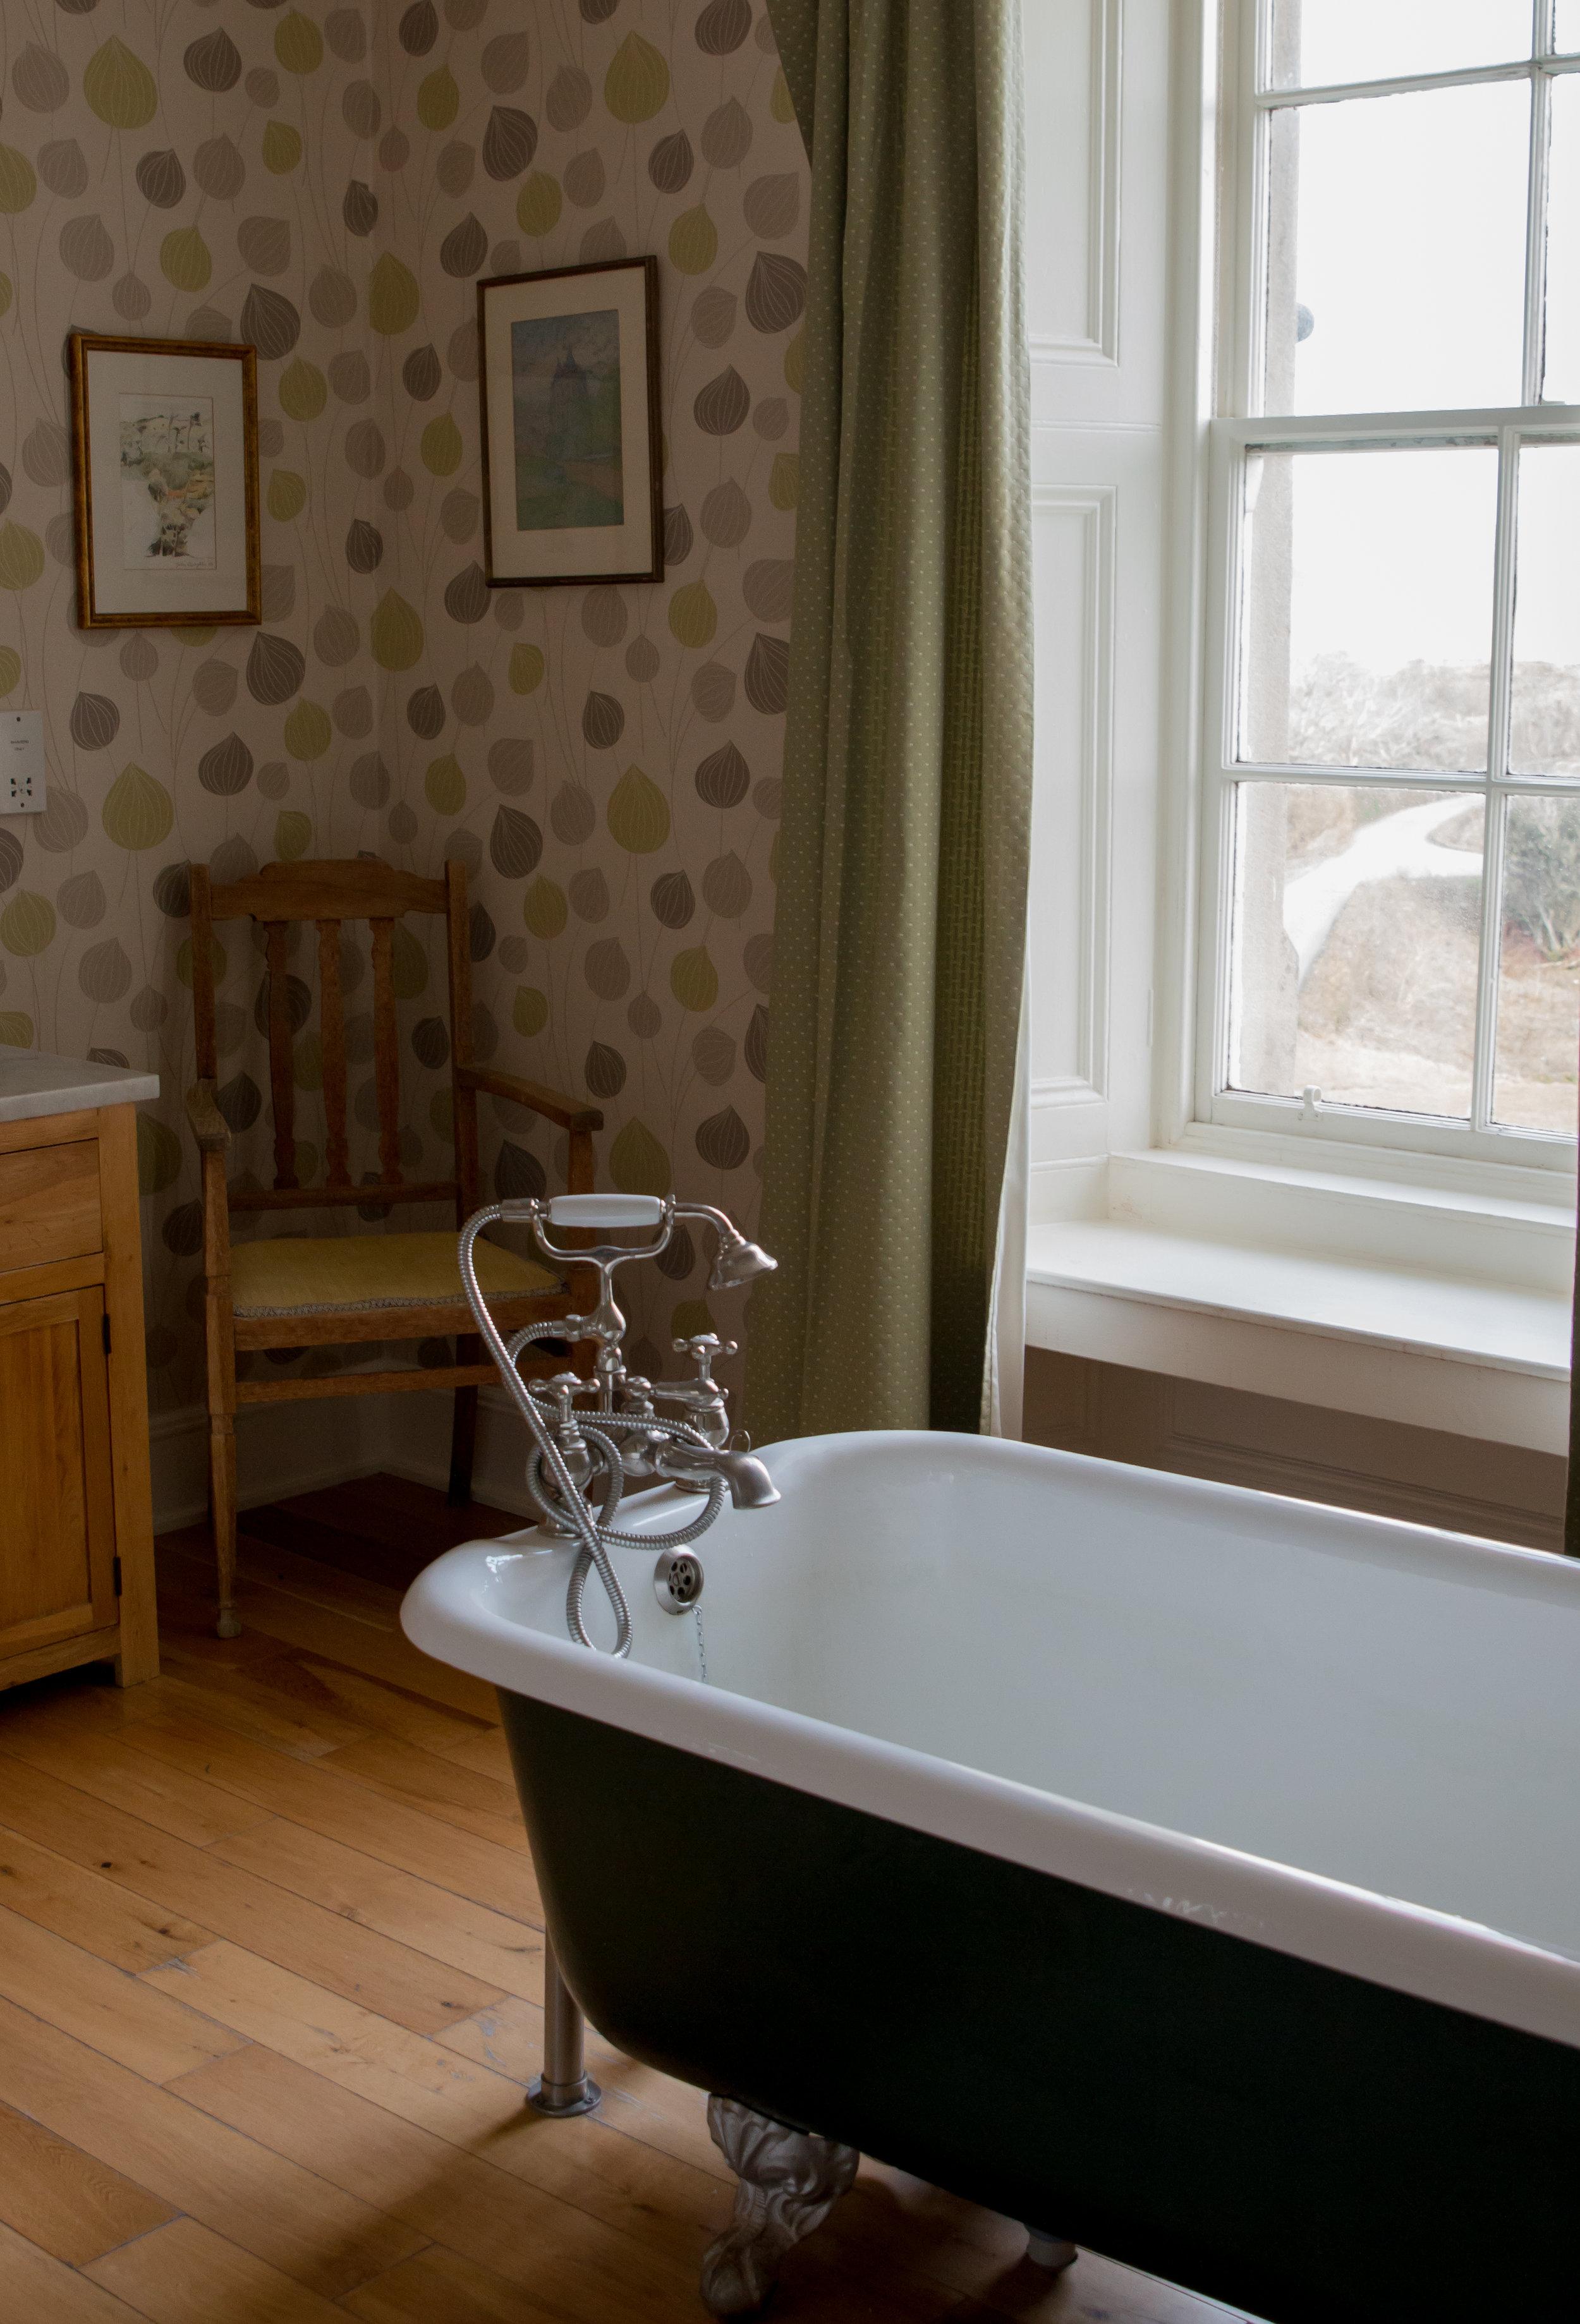 I adored this bath tub.